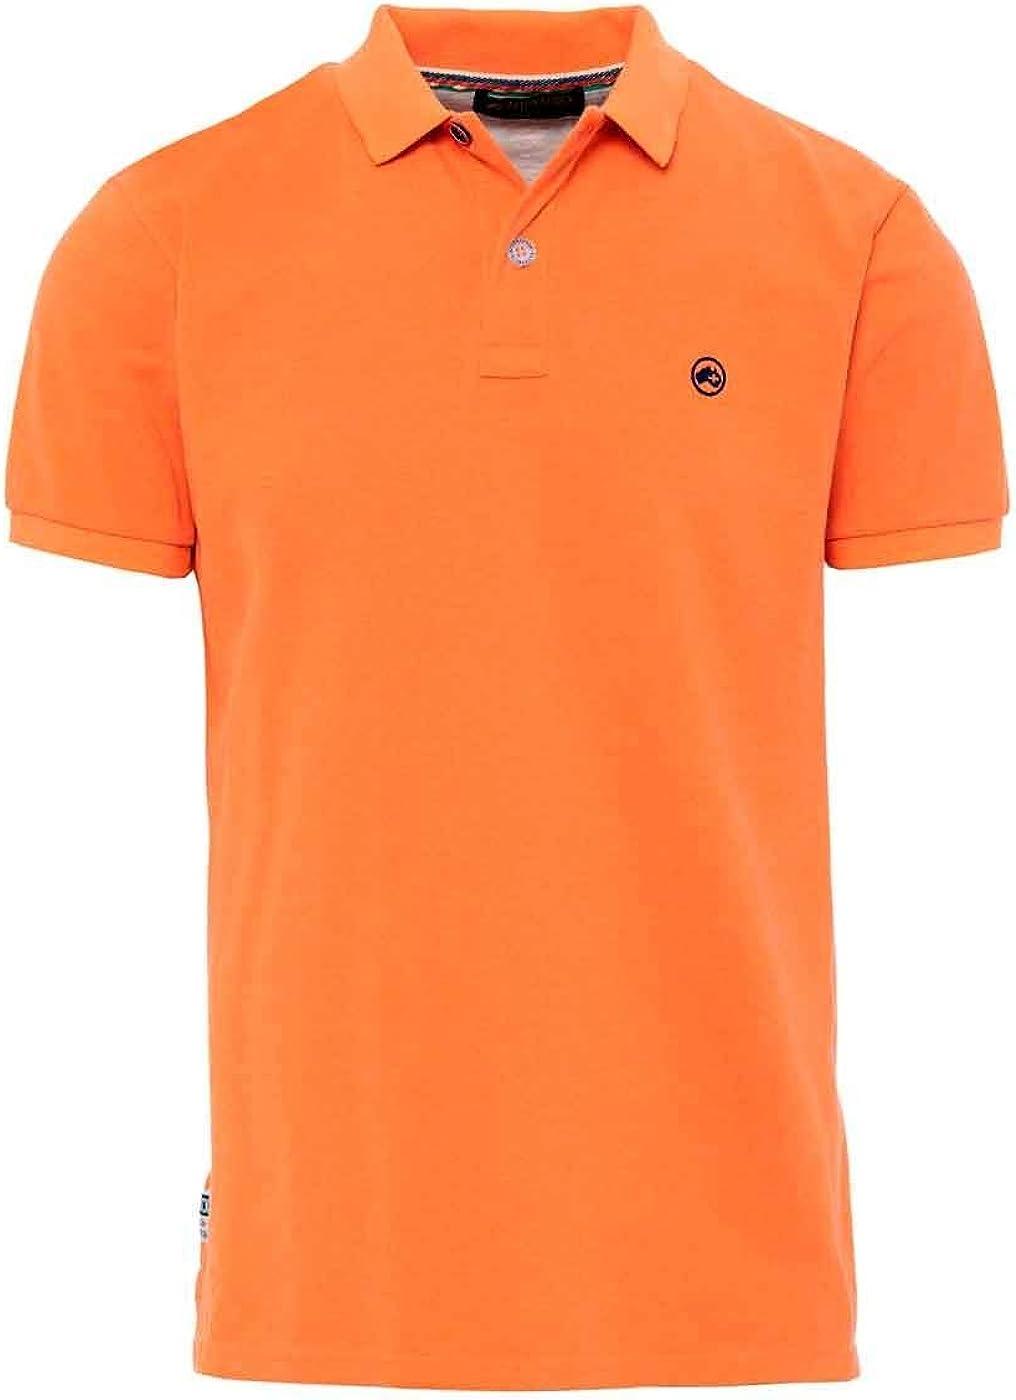 Altonadock Polo Naranja